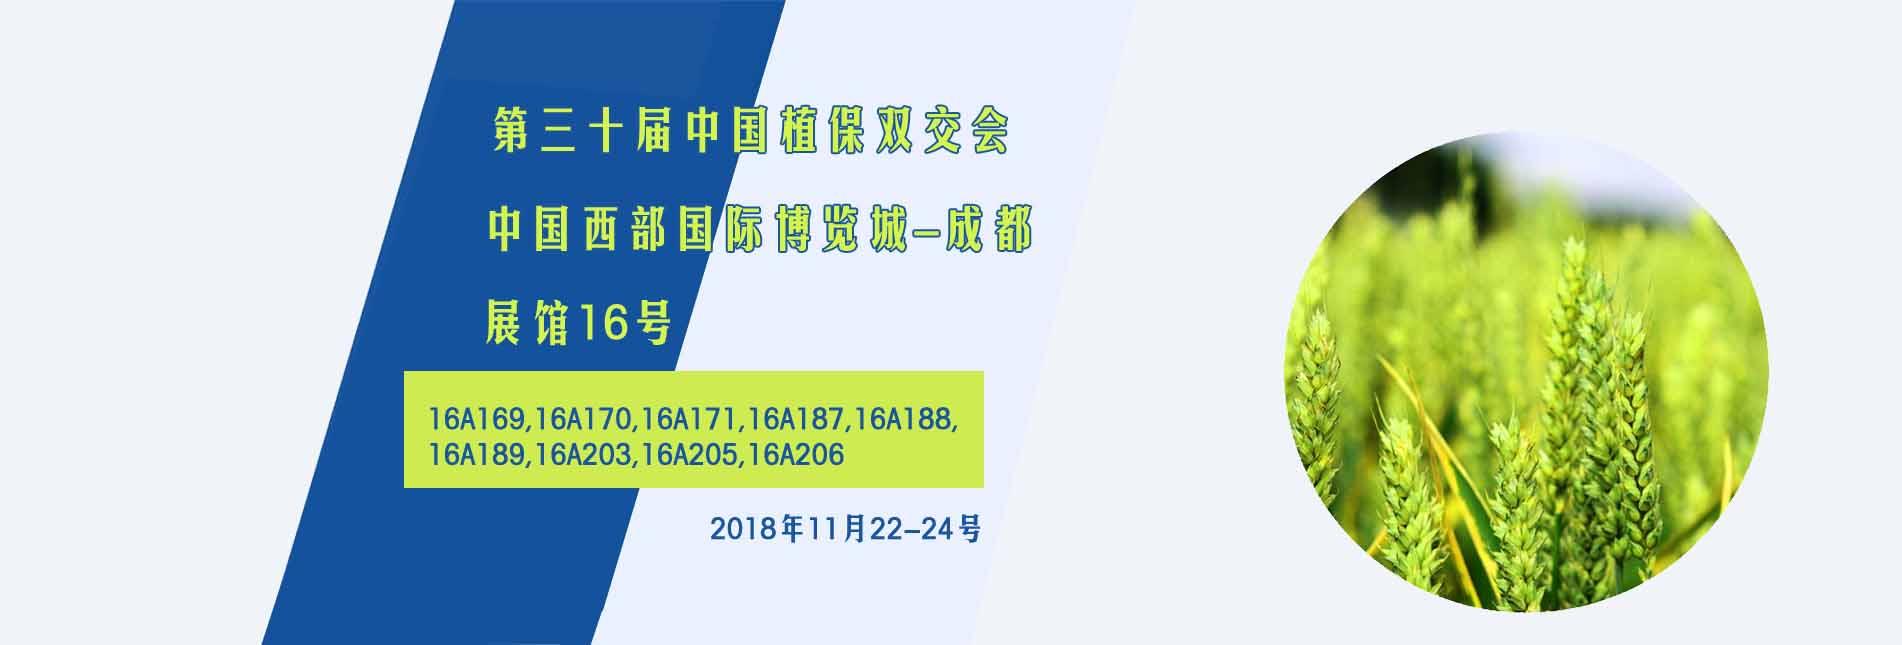 第三十四届中国植保双交会